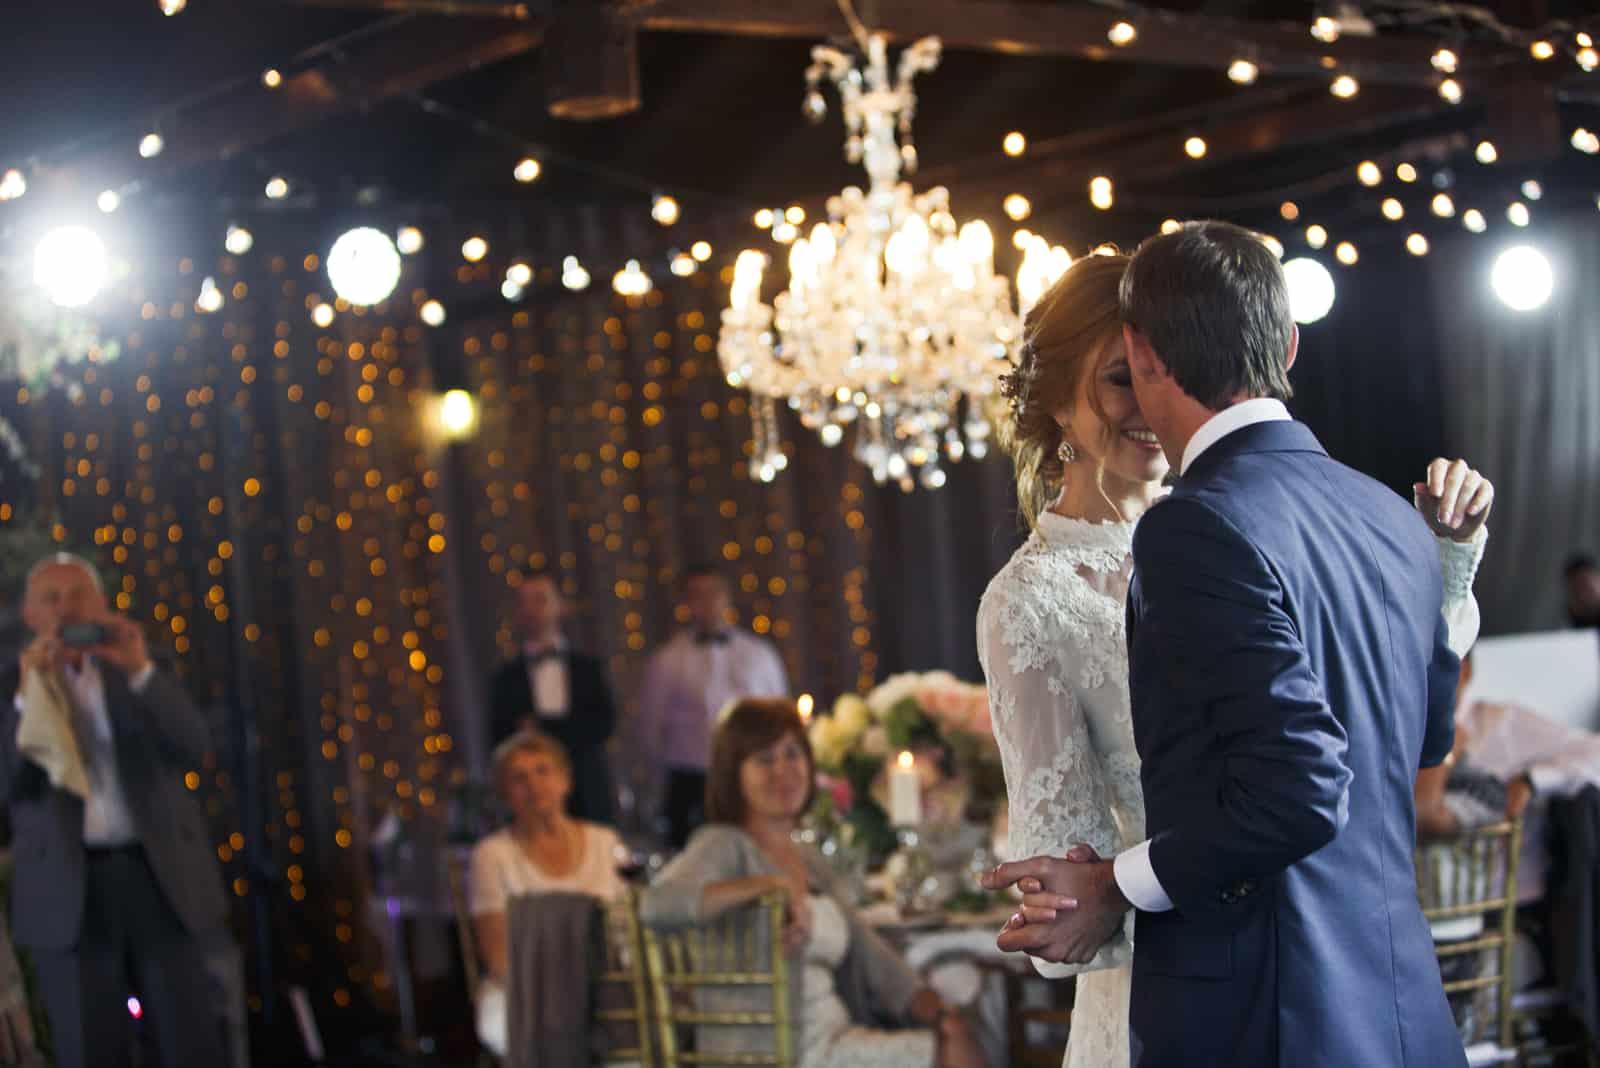 Bräutigam hält die Hand der Braut und tanzt mit ihr